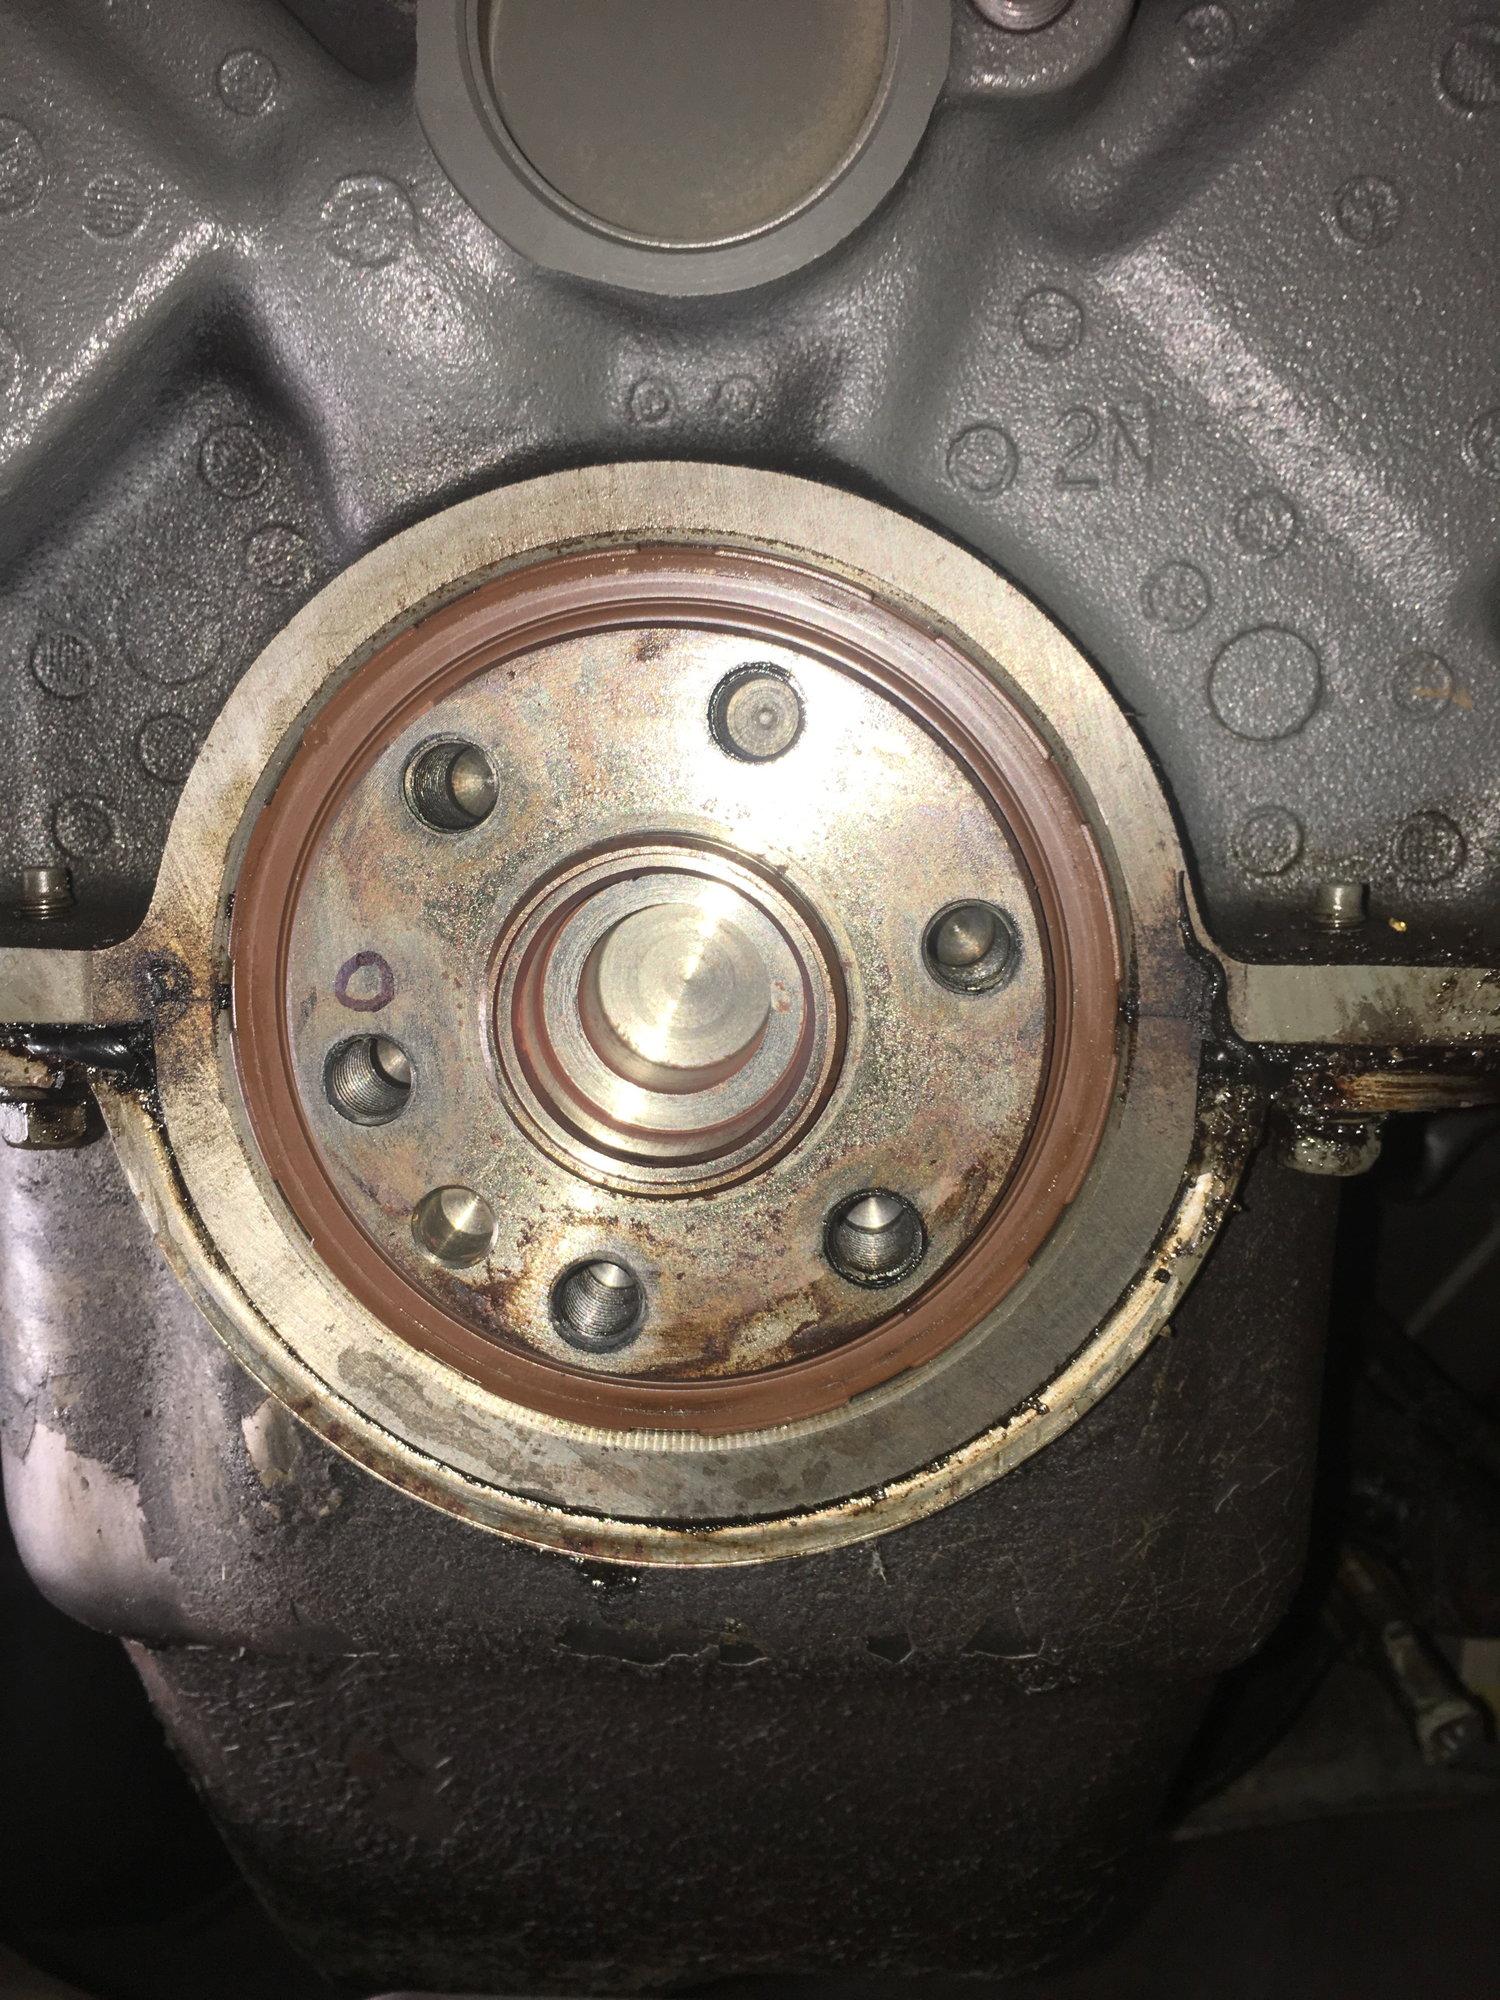 e4od transmission removal